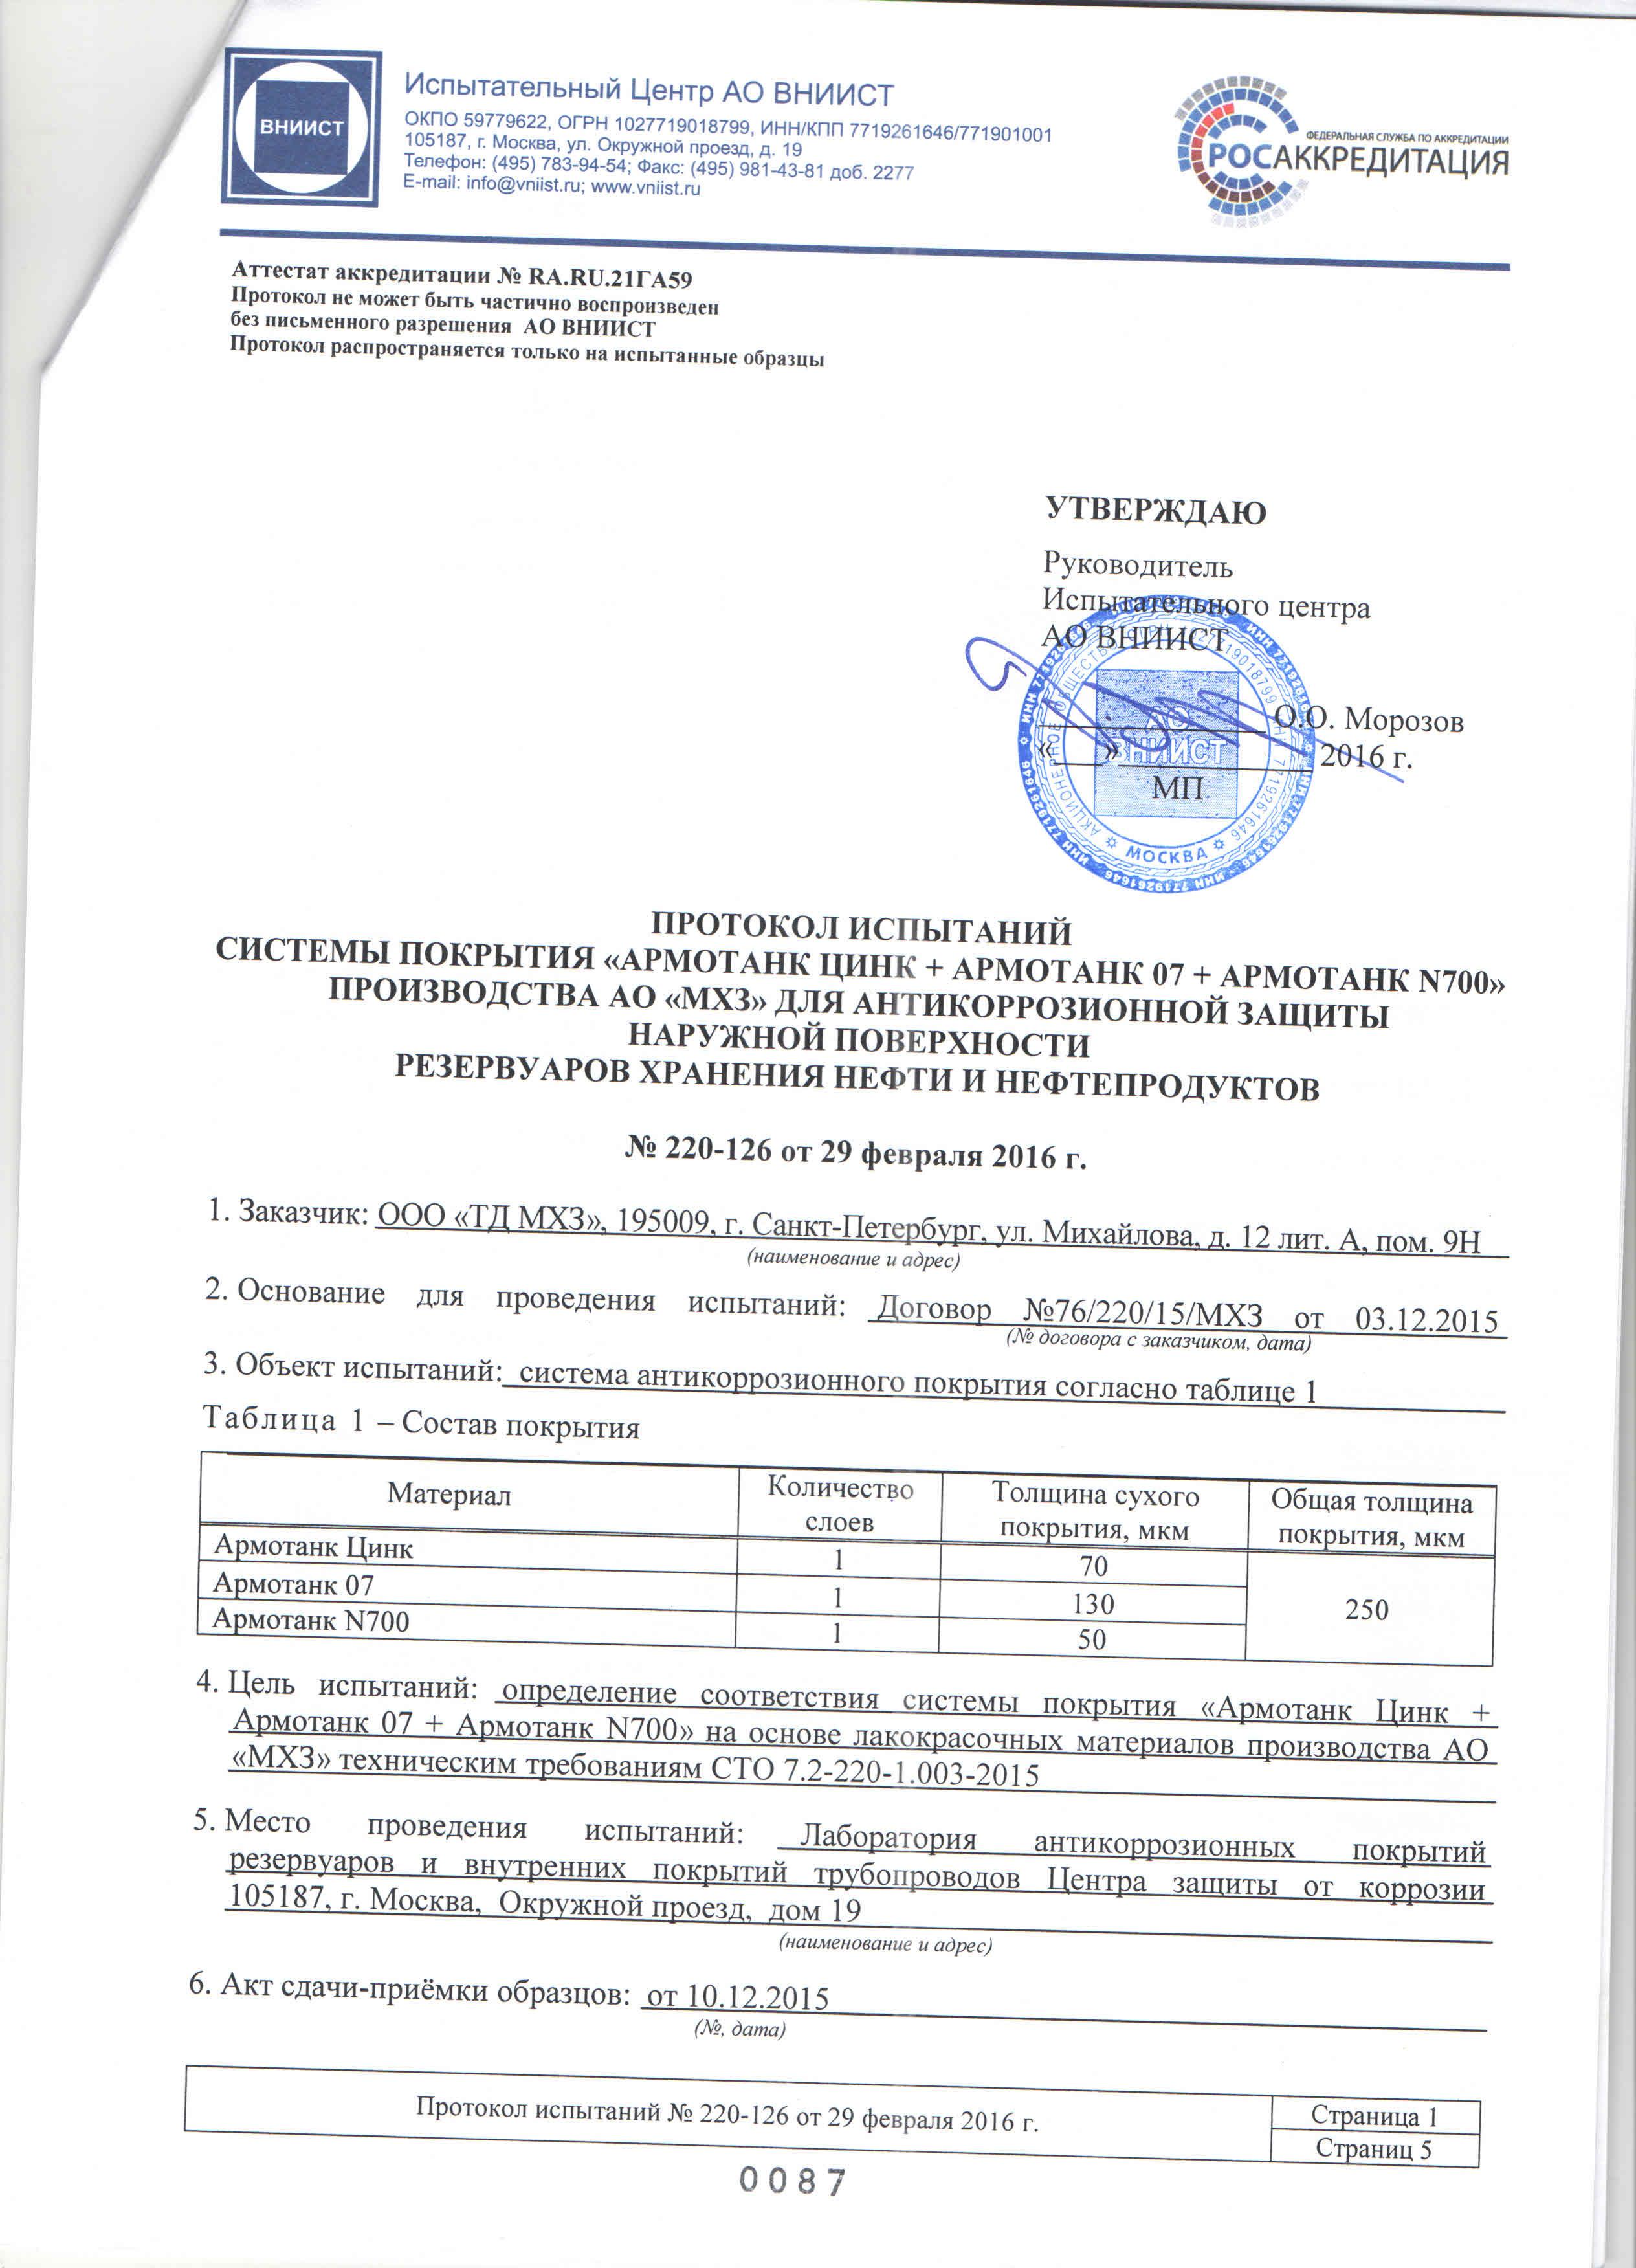 ВНИИСТ Цинк+07+N700 для резервуаров; С-3,С-4,С5-М-20 лет+Протокол №220-126_Страница_2